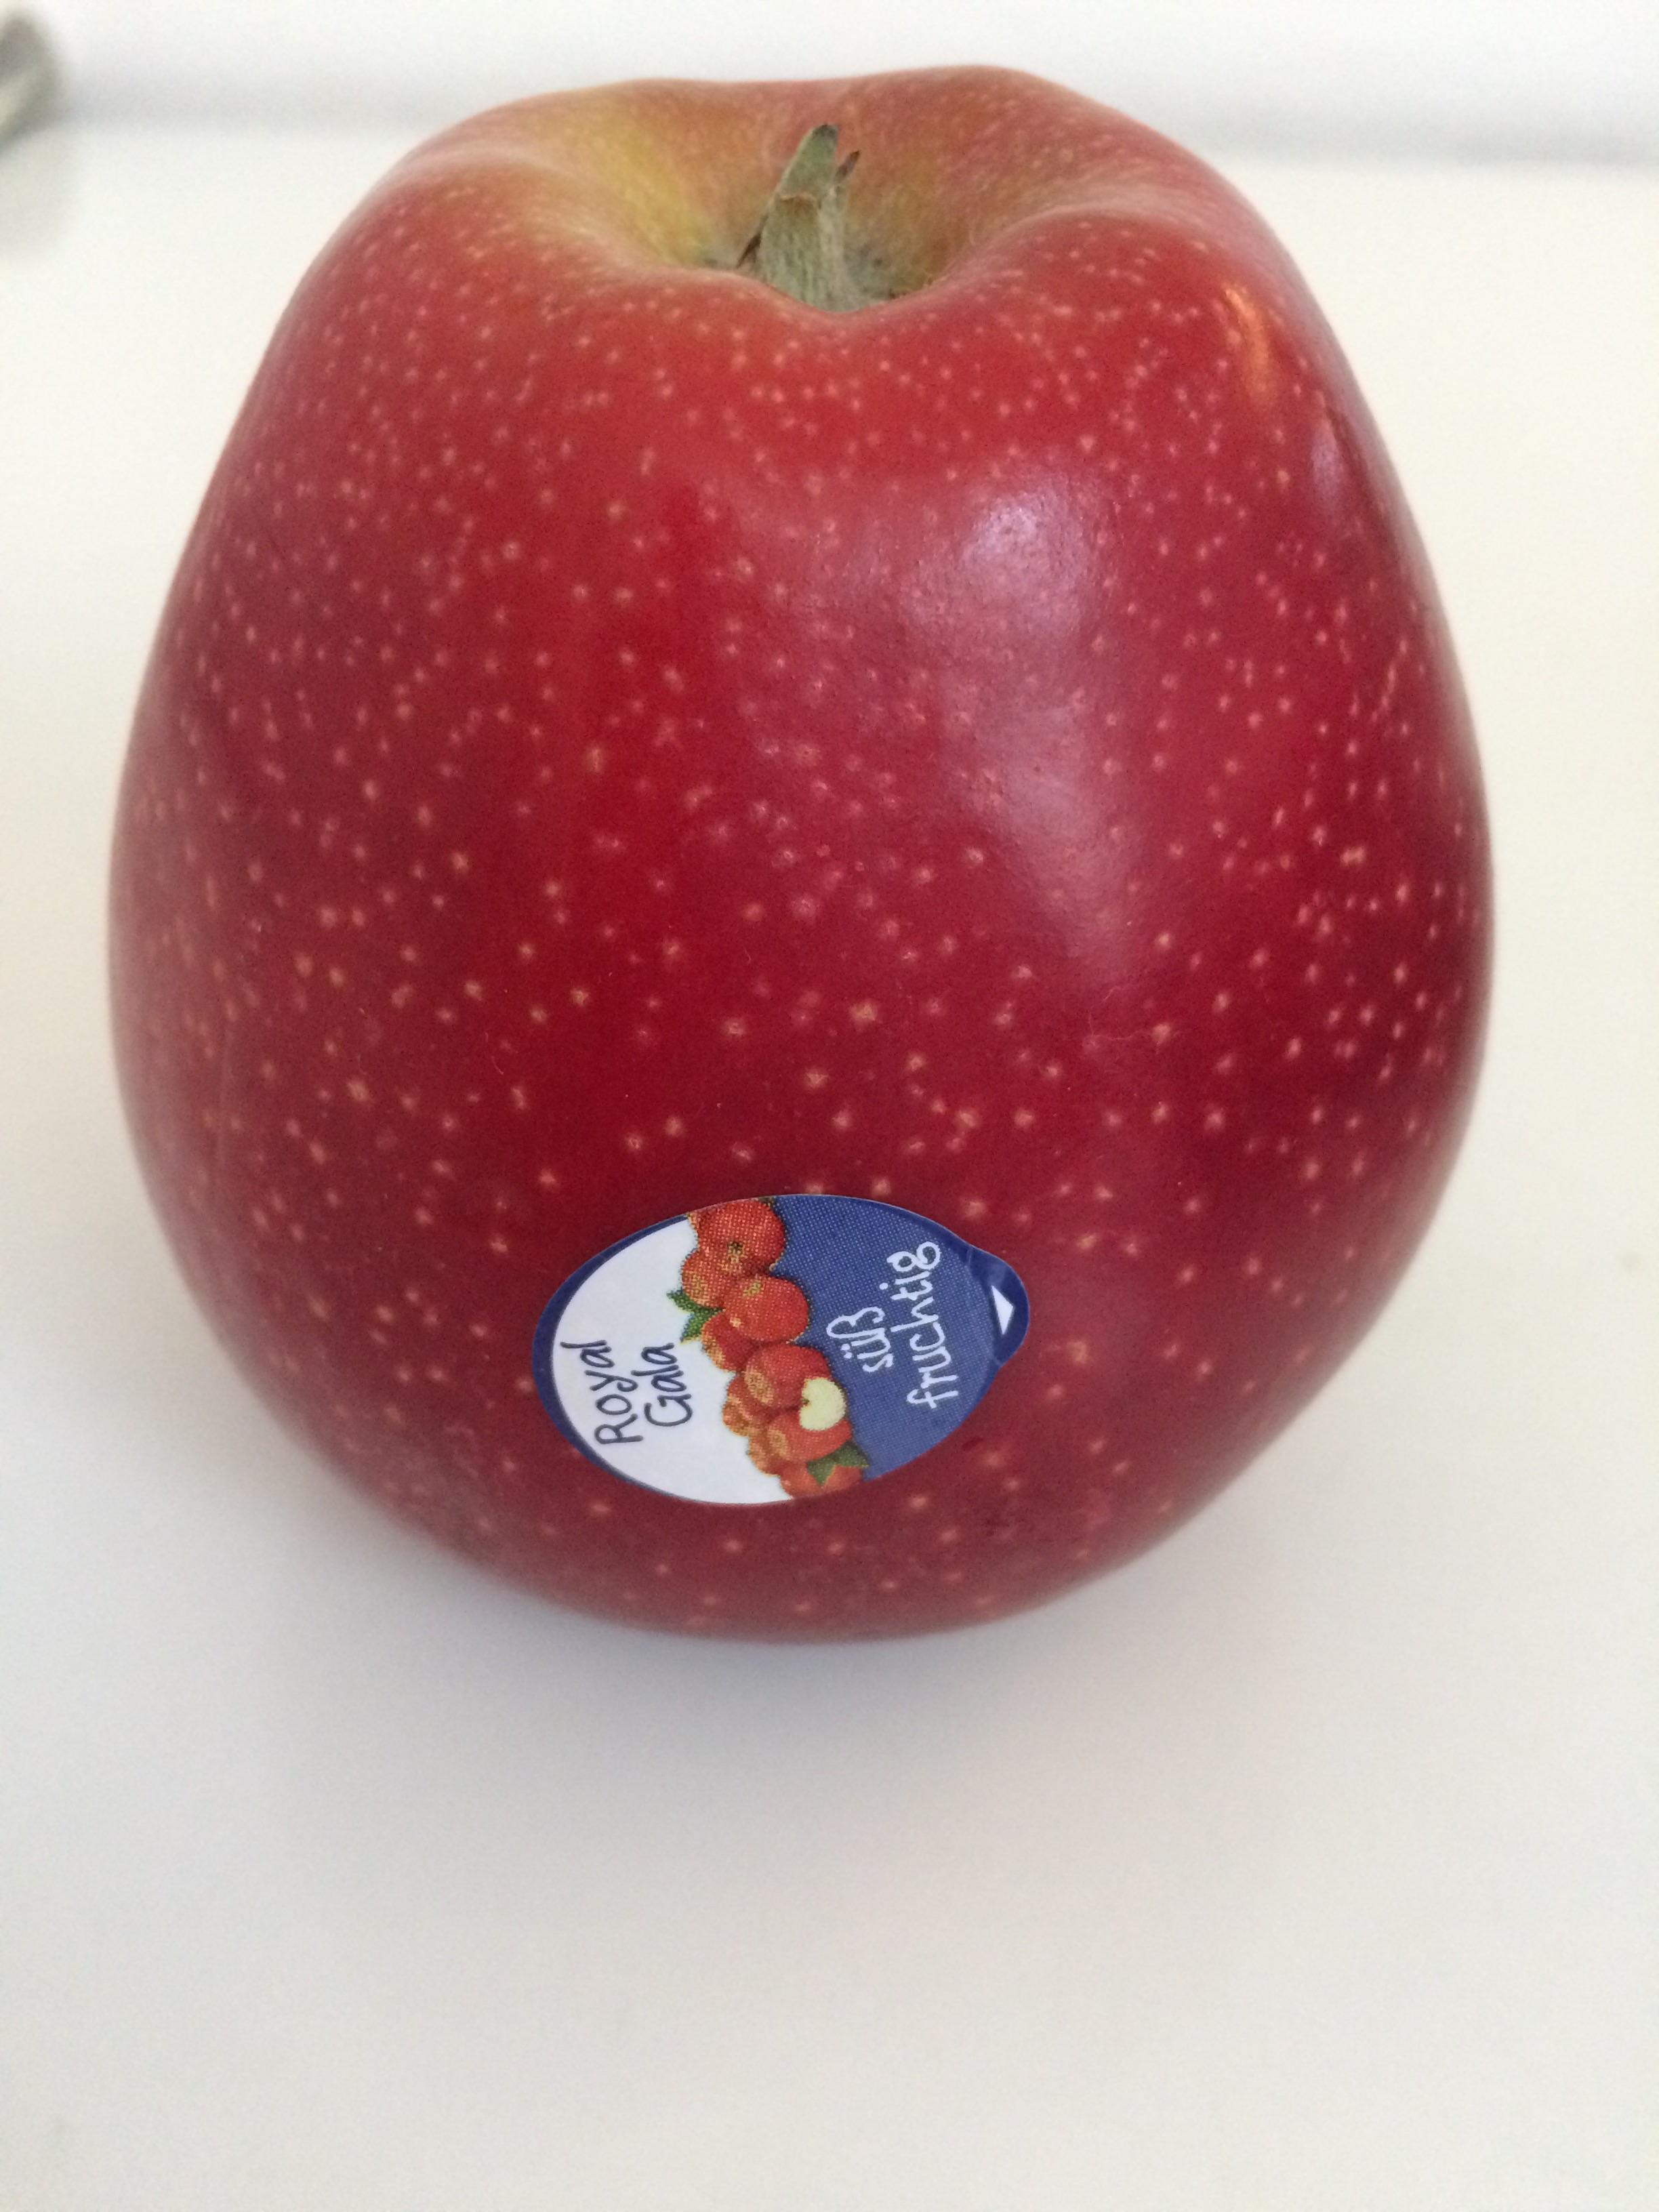 Kleben die diese Aufkleber mit der Hand auf die Äpfel oder